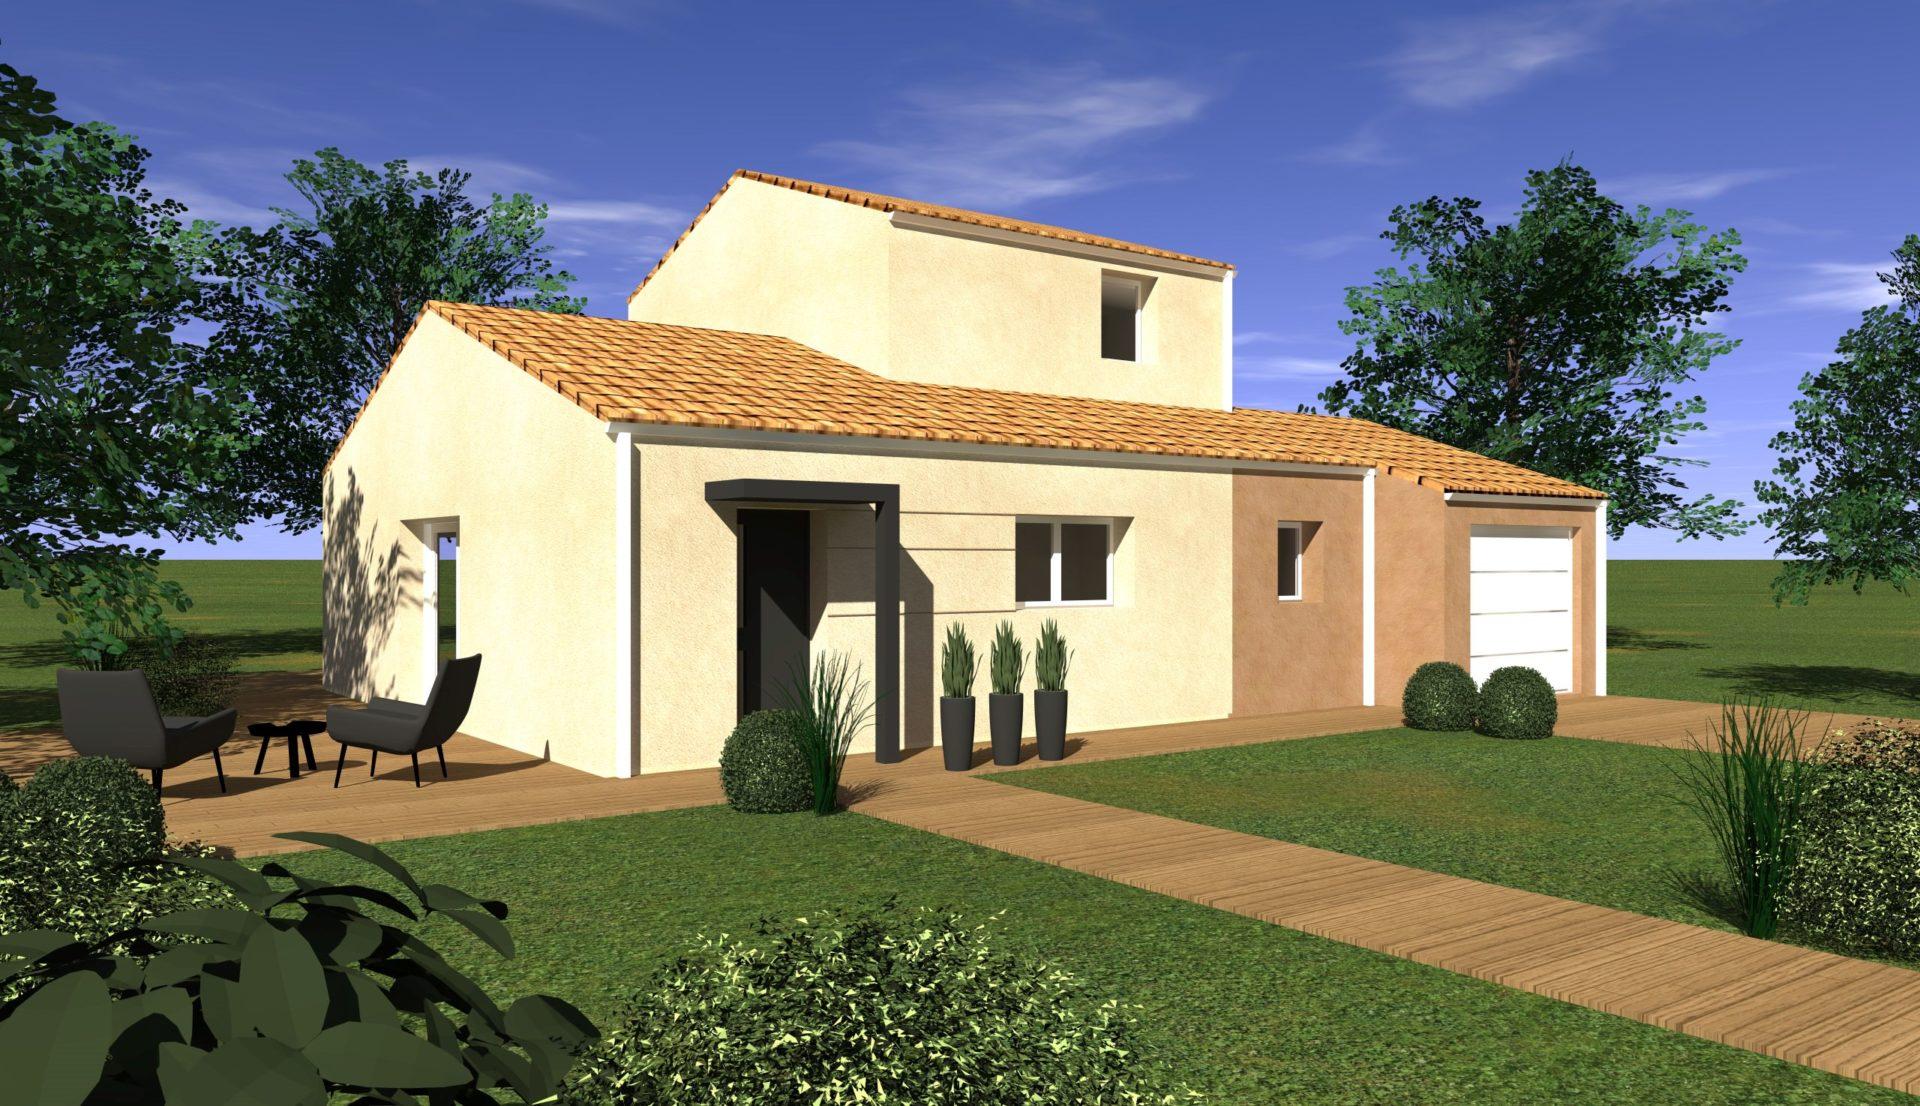 Couleur Extérieur Maison 2017 modèle ambre, maison traditionnelle - ma maison acv